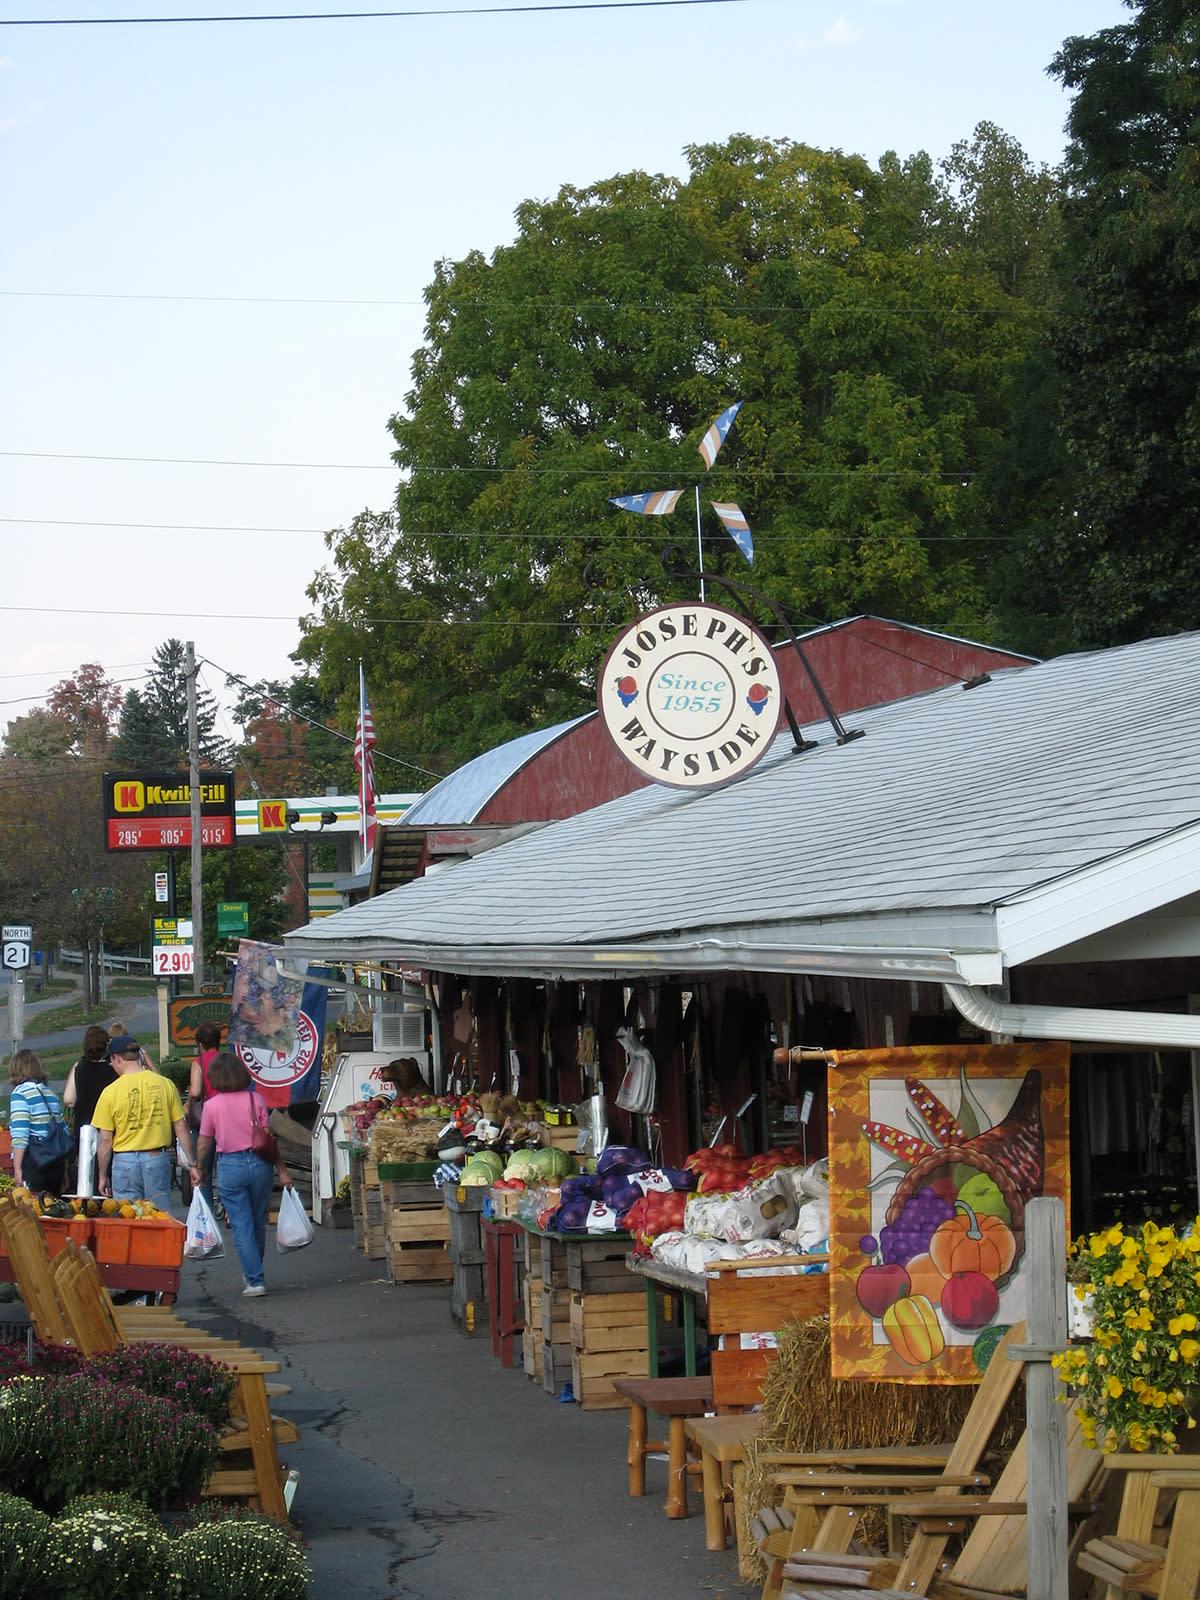 farmers-market-stands-roadside-shopping